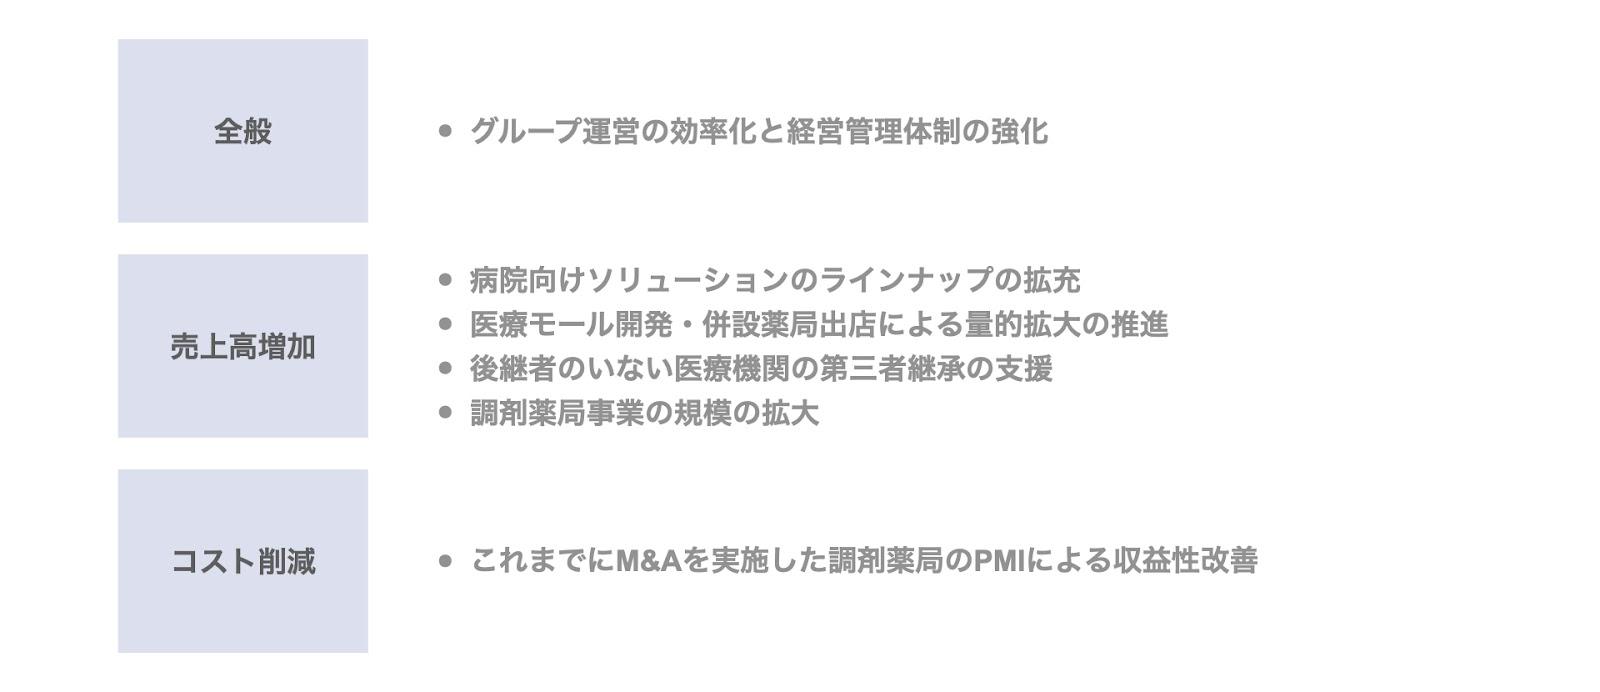 PEファンドとのMBOによる非公開化事例3. 総合メディカルホールディングス(ポラリス・キャピタル・グループ)の非公開化後の経営方針